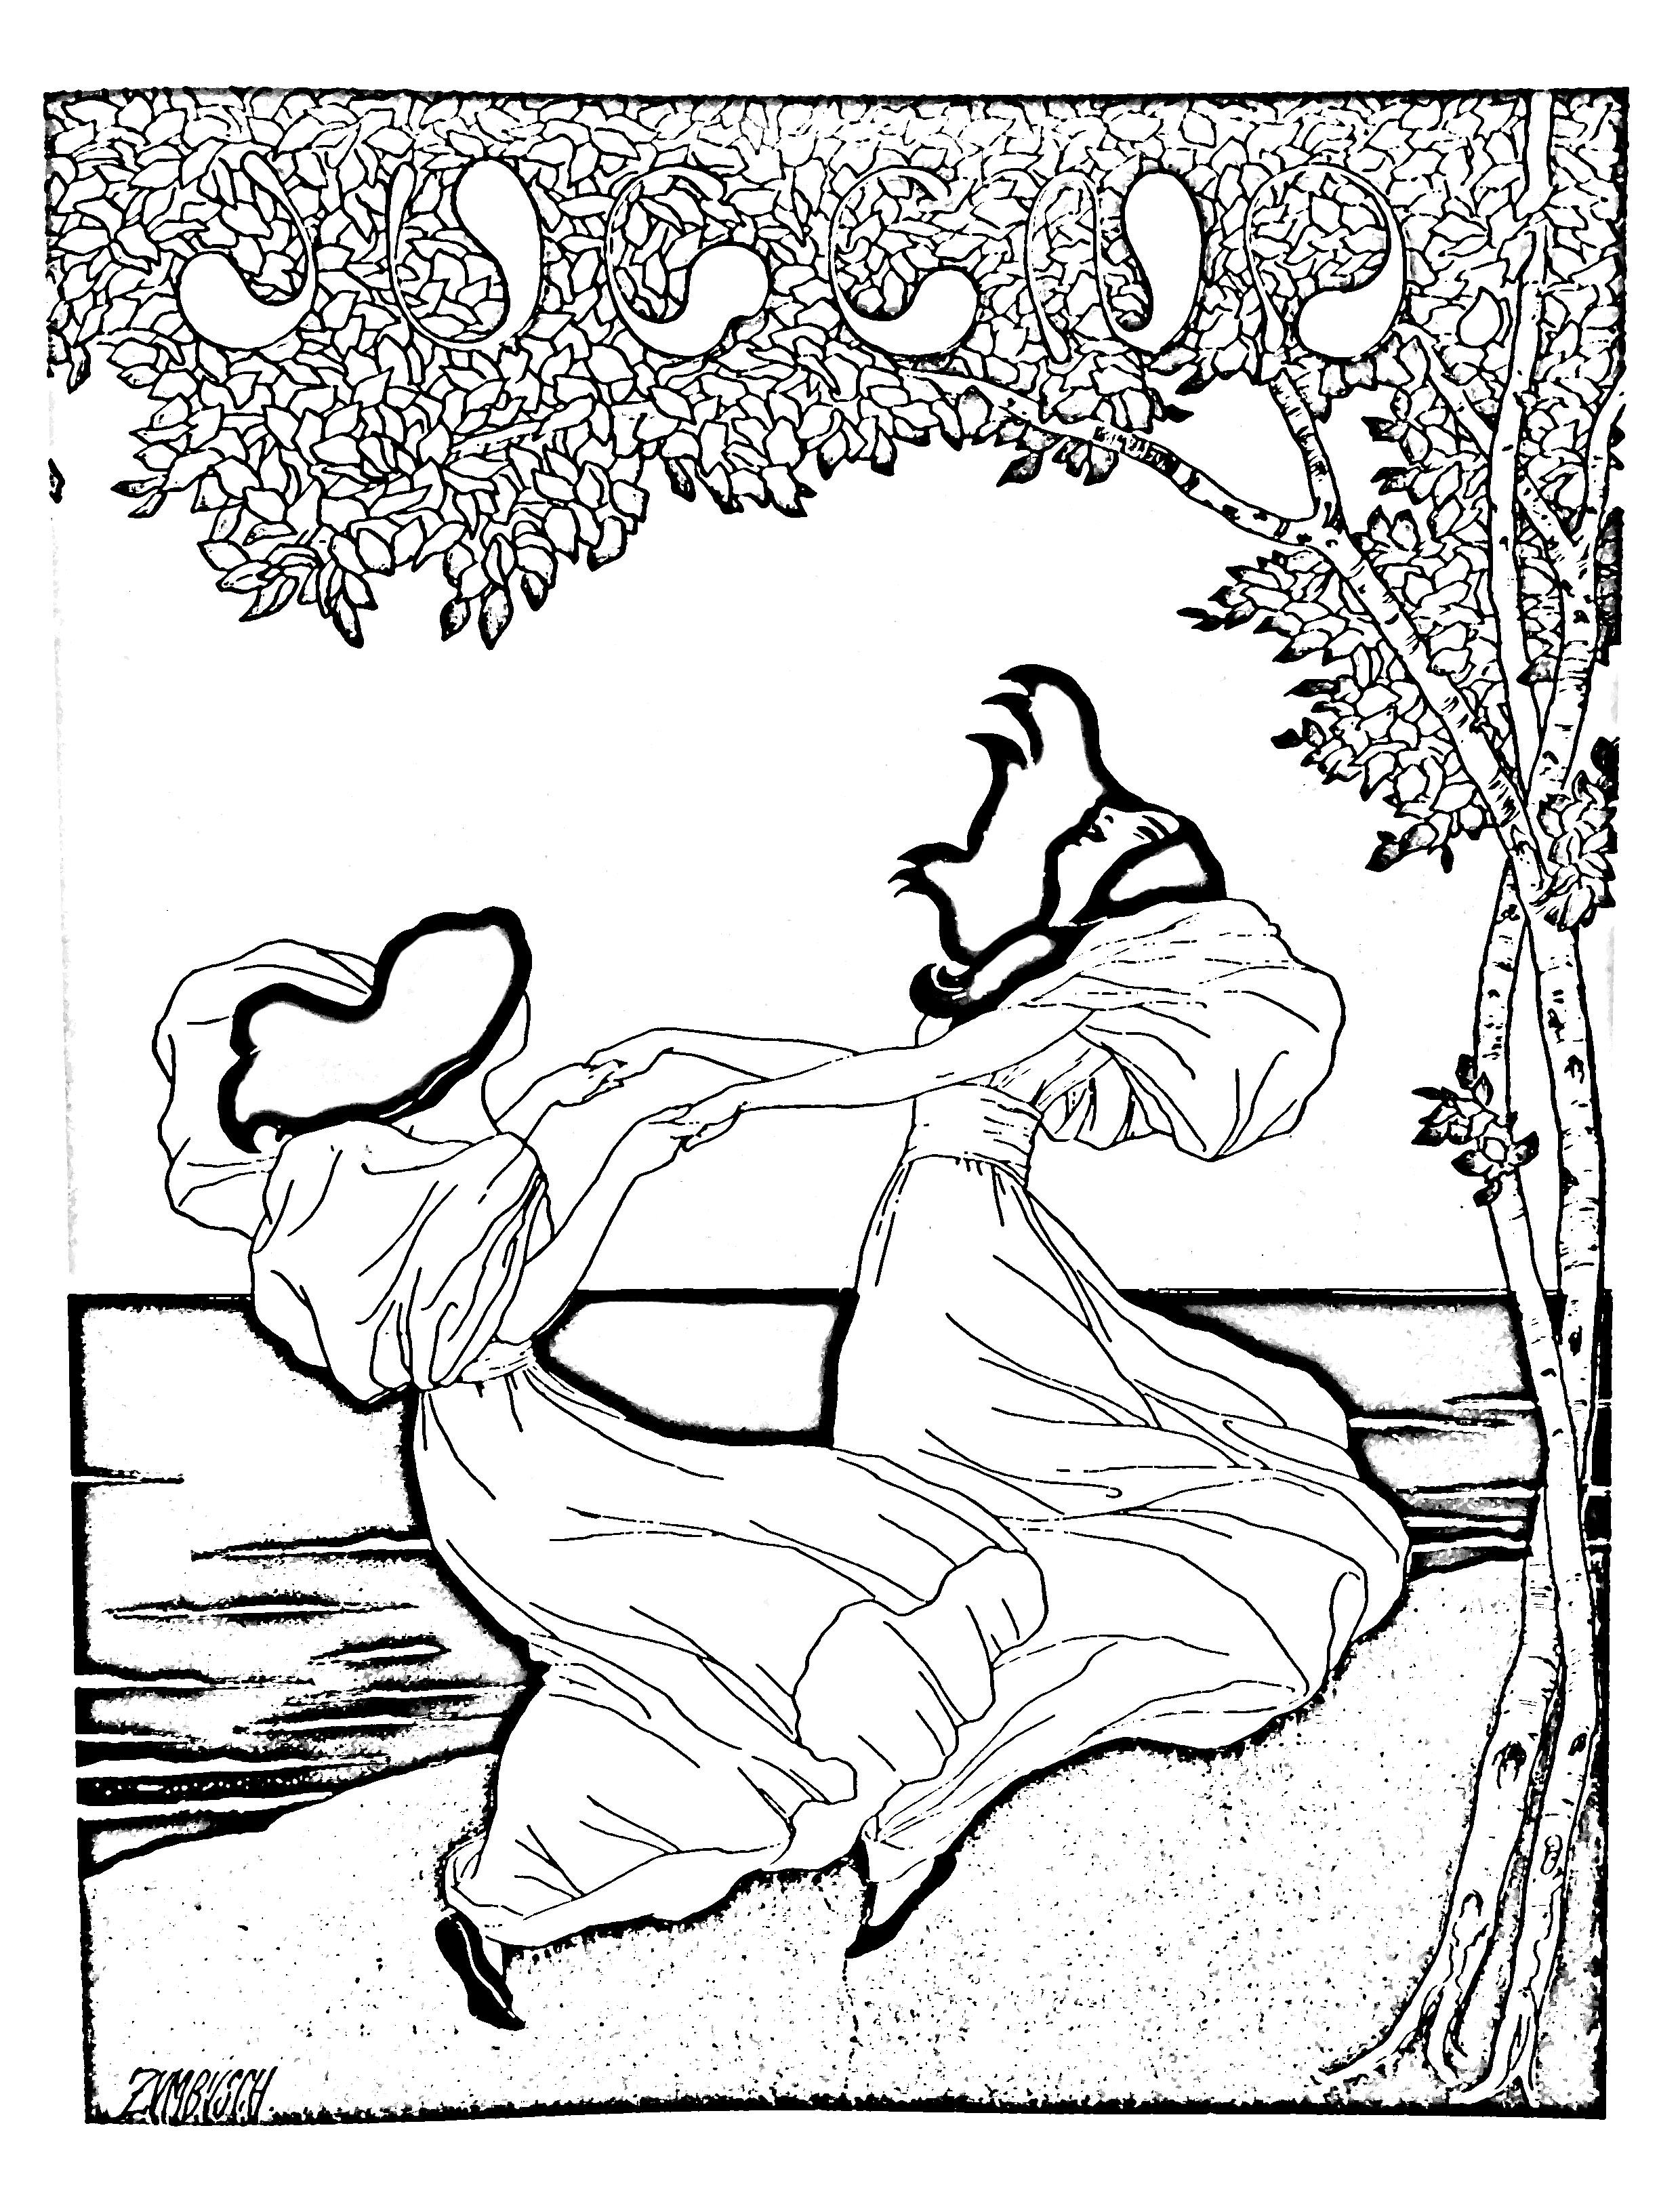 Colorear para adultos : Art nouveau - 20